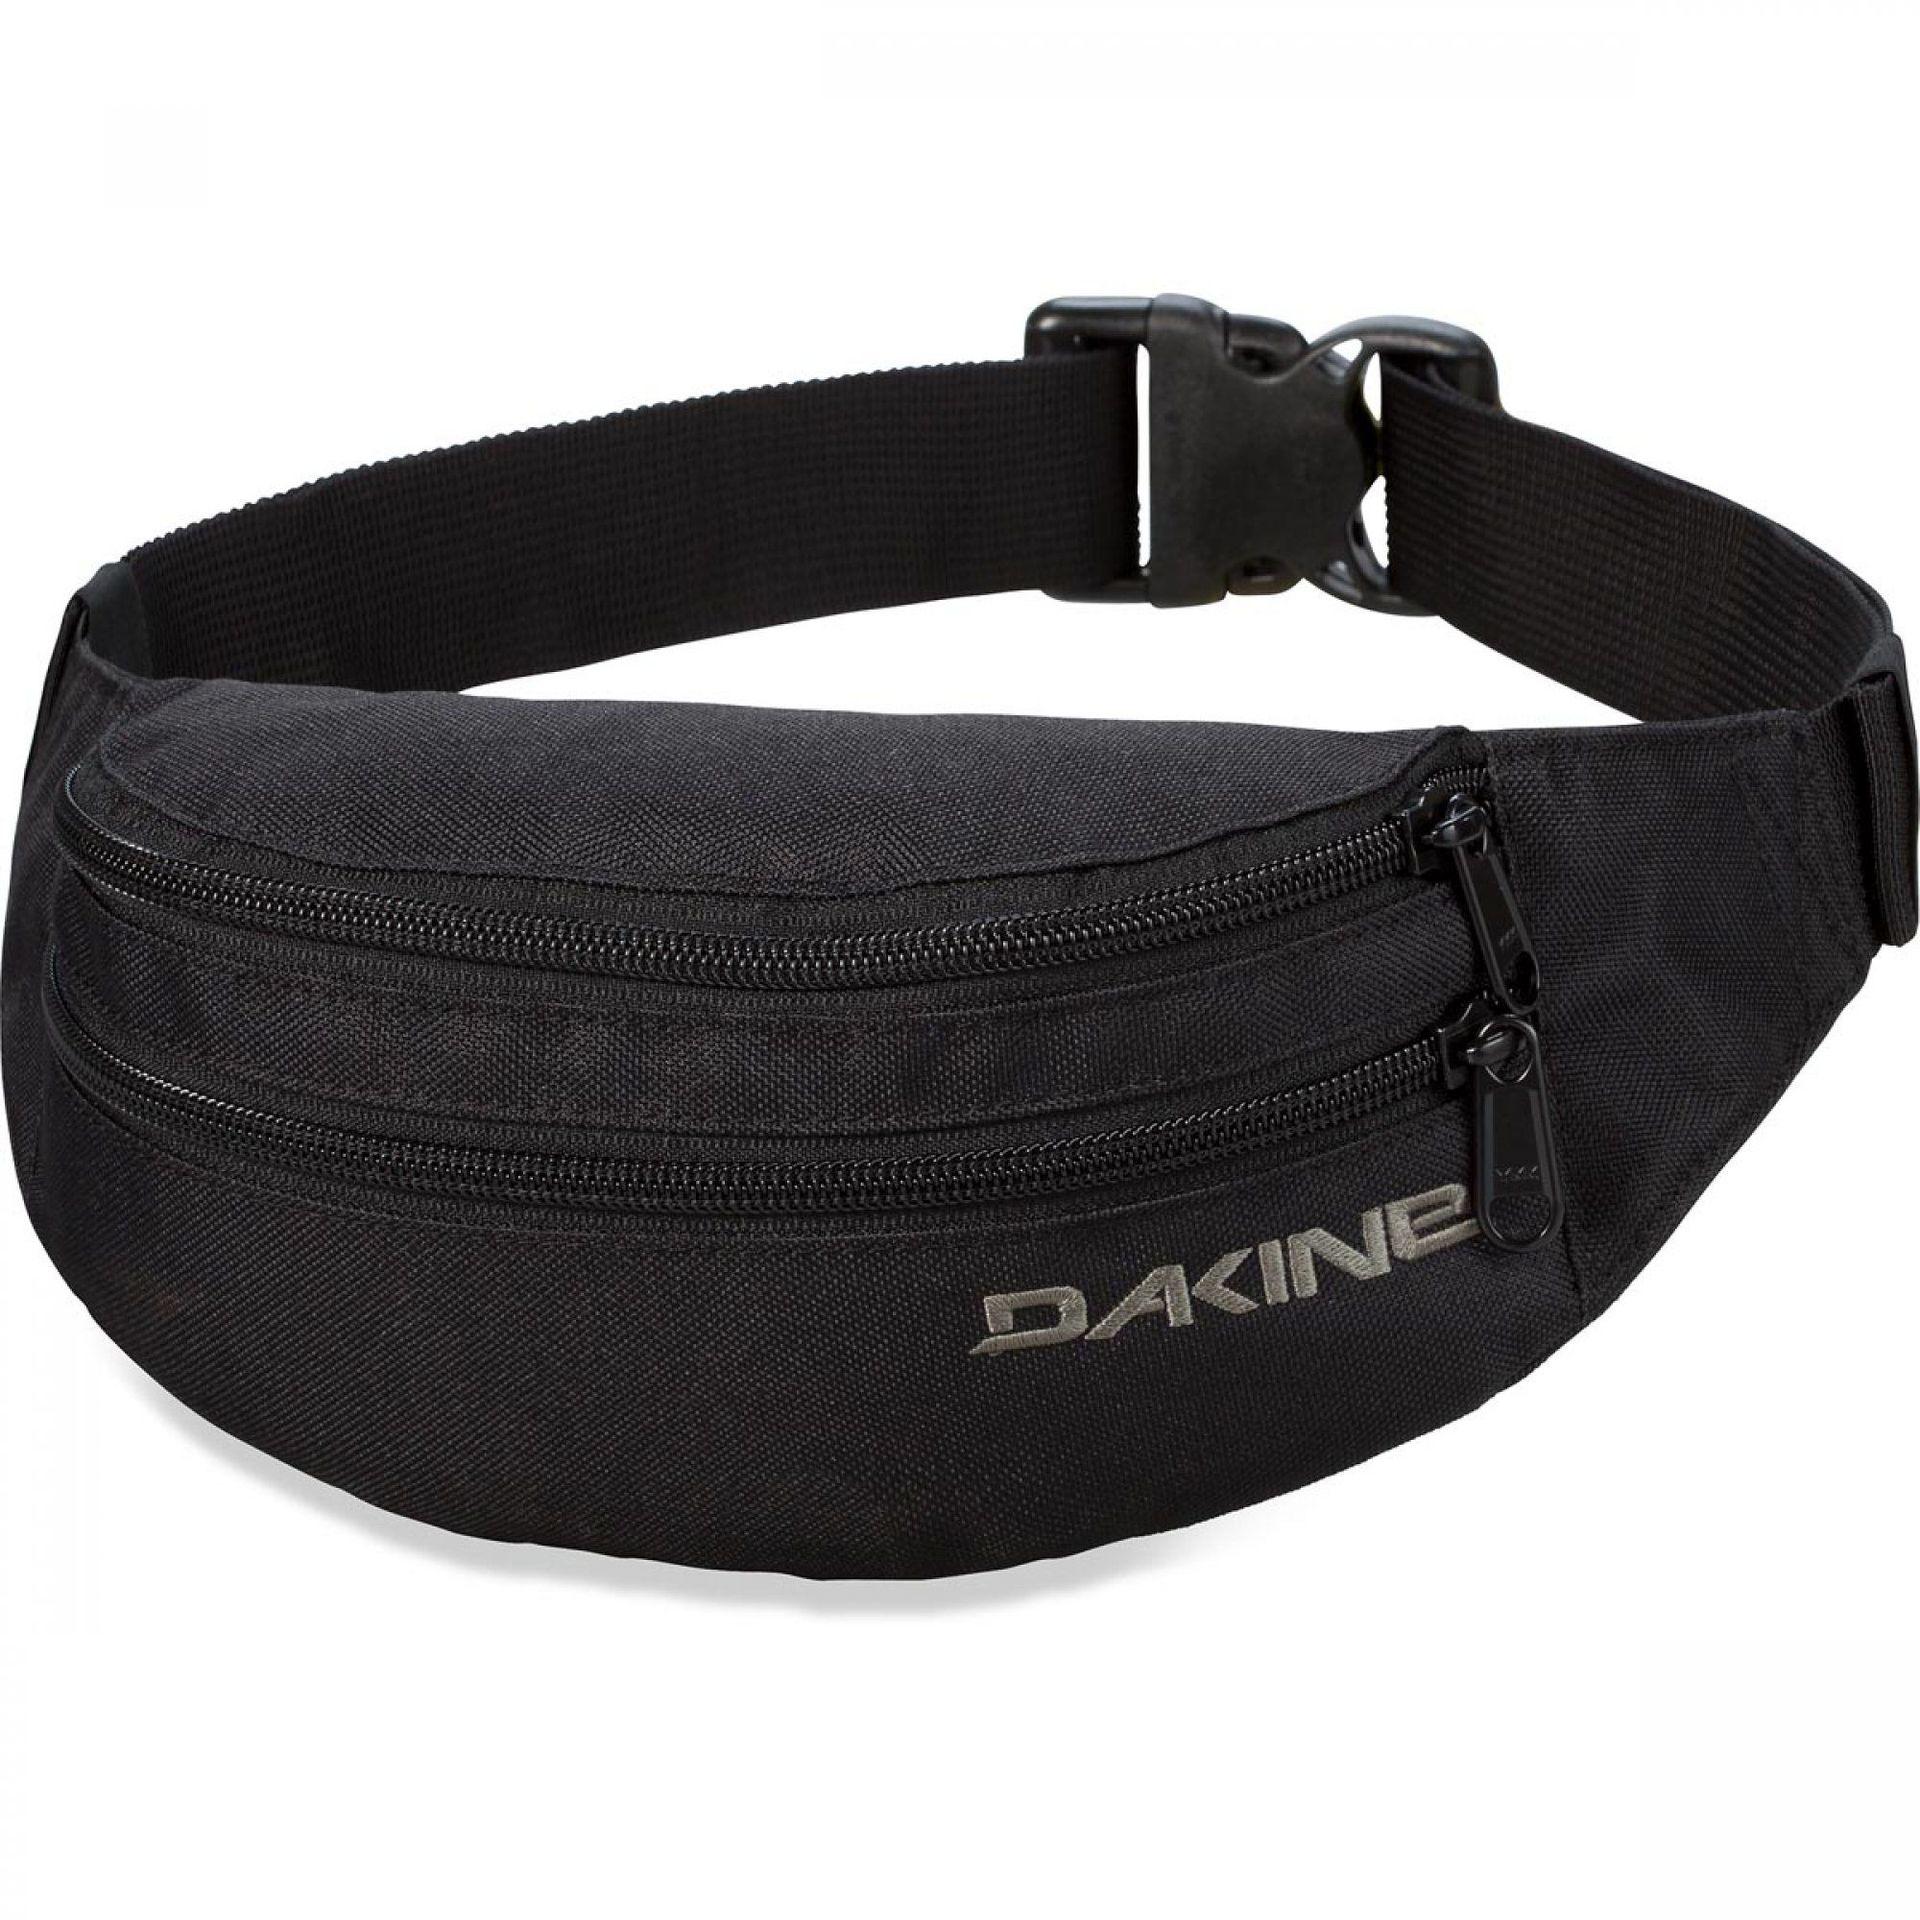 NERKA DAKINE CLASSIC HIP PACK BLACK CZARNY